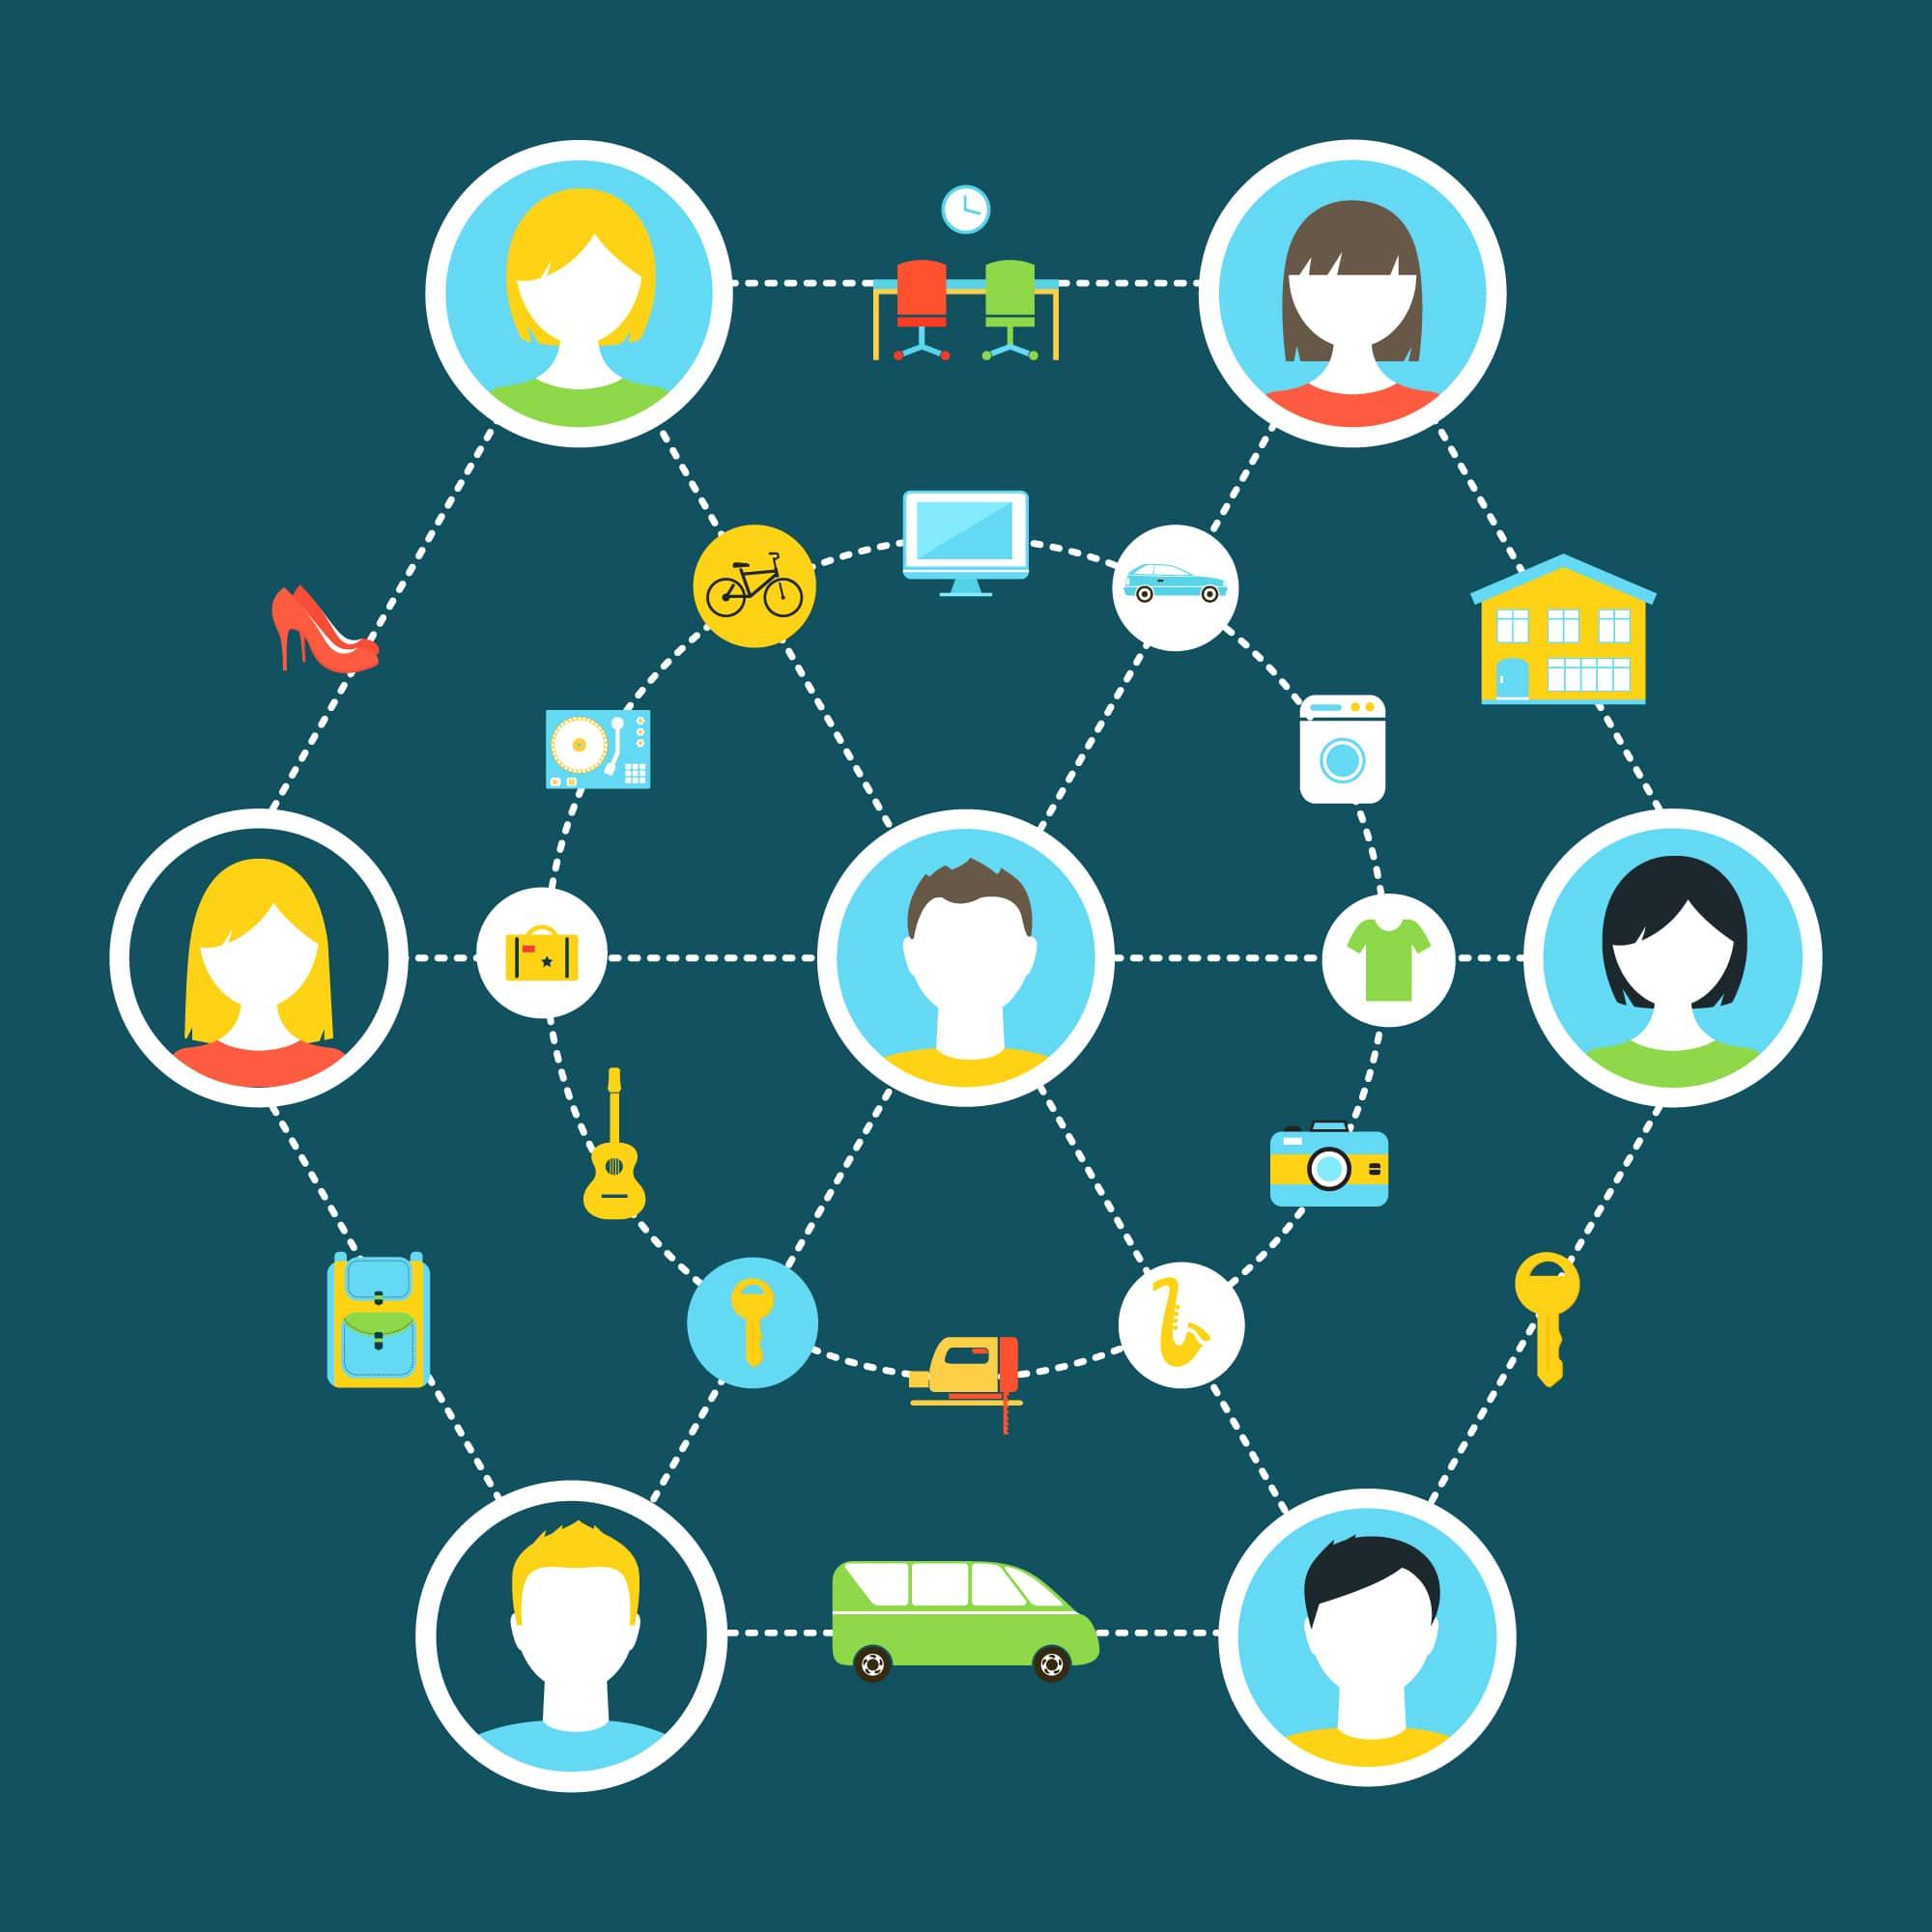 économie du partage